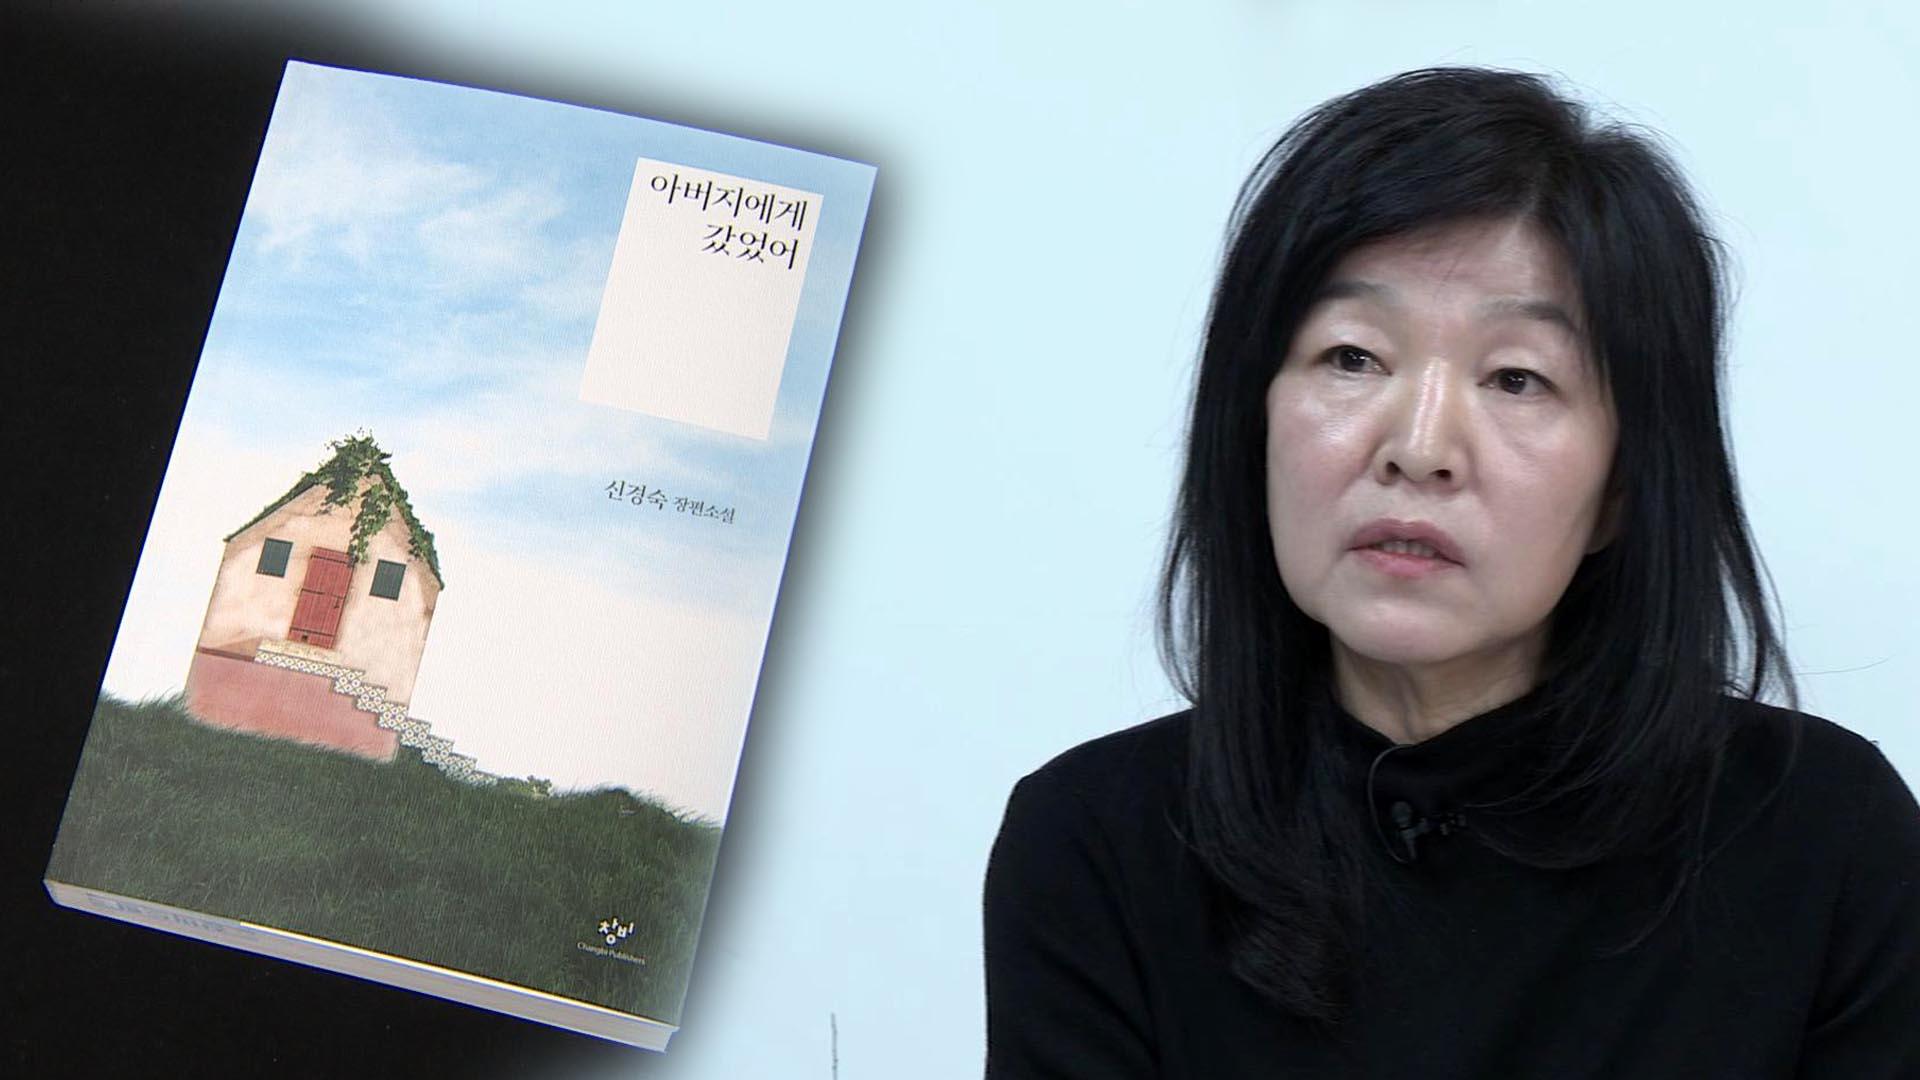 신경숙, 6년 만에 공식 복귀…새 장편소설 출간